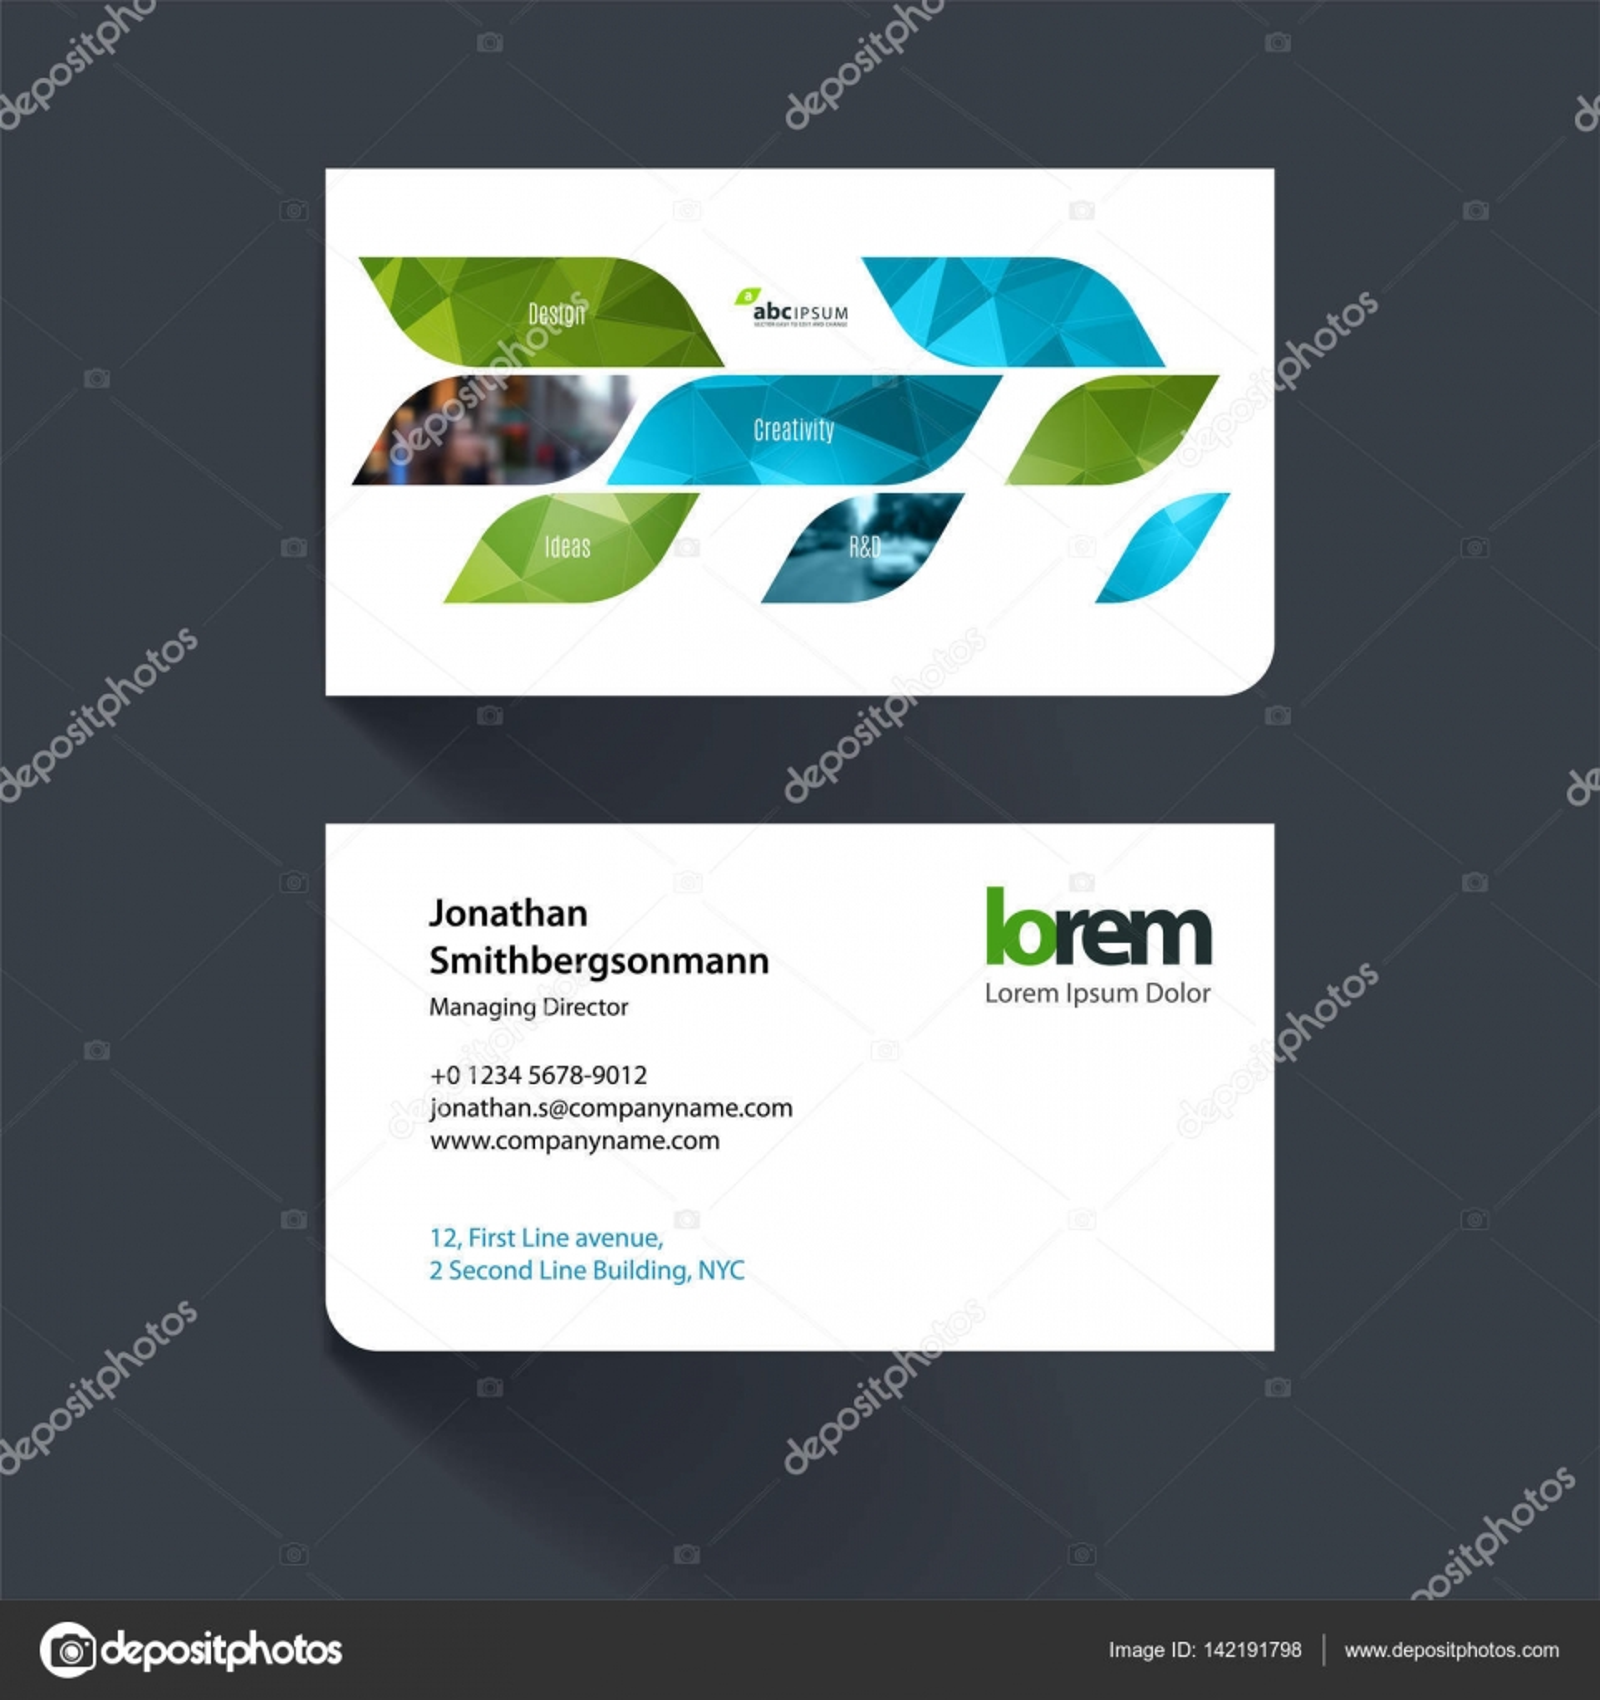 Modle De Carte Visite Vecteur Avec Des Formes Gomtriques Dynamiques Vertes Pour Eco Affaires Technologie Simple Et Propre Conception